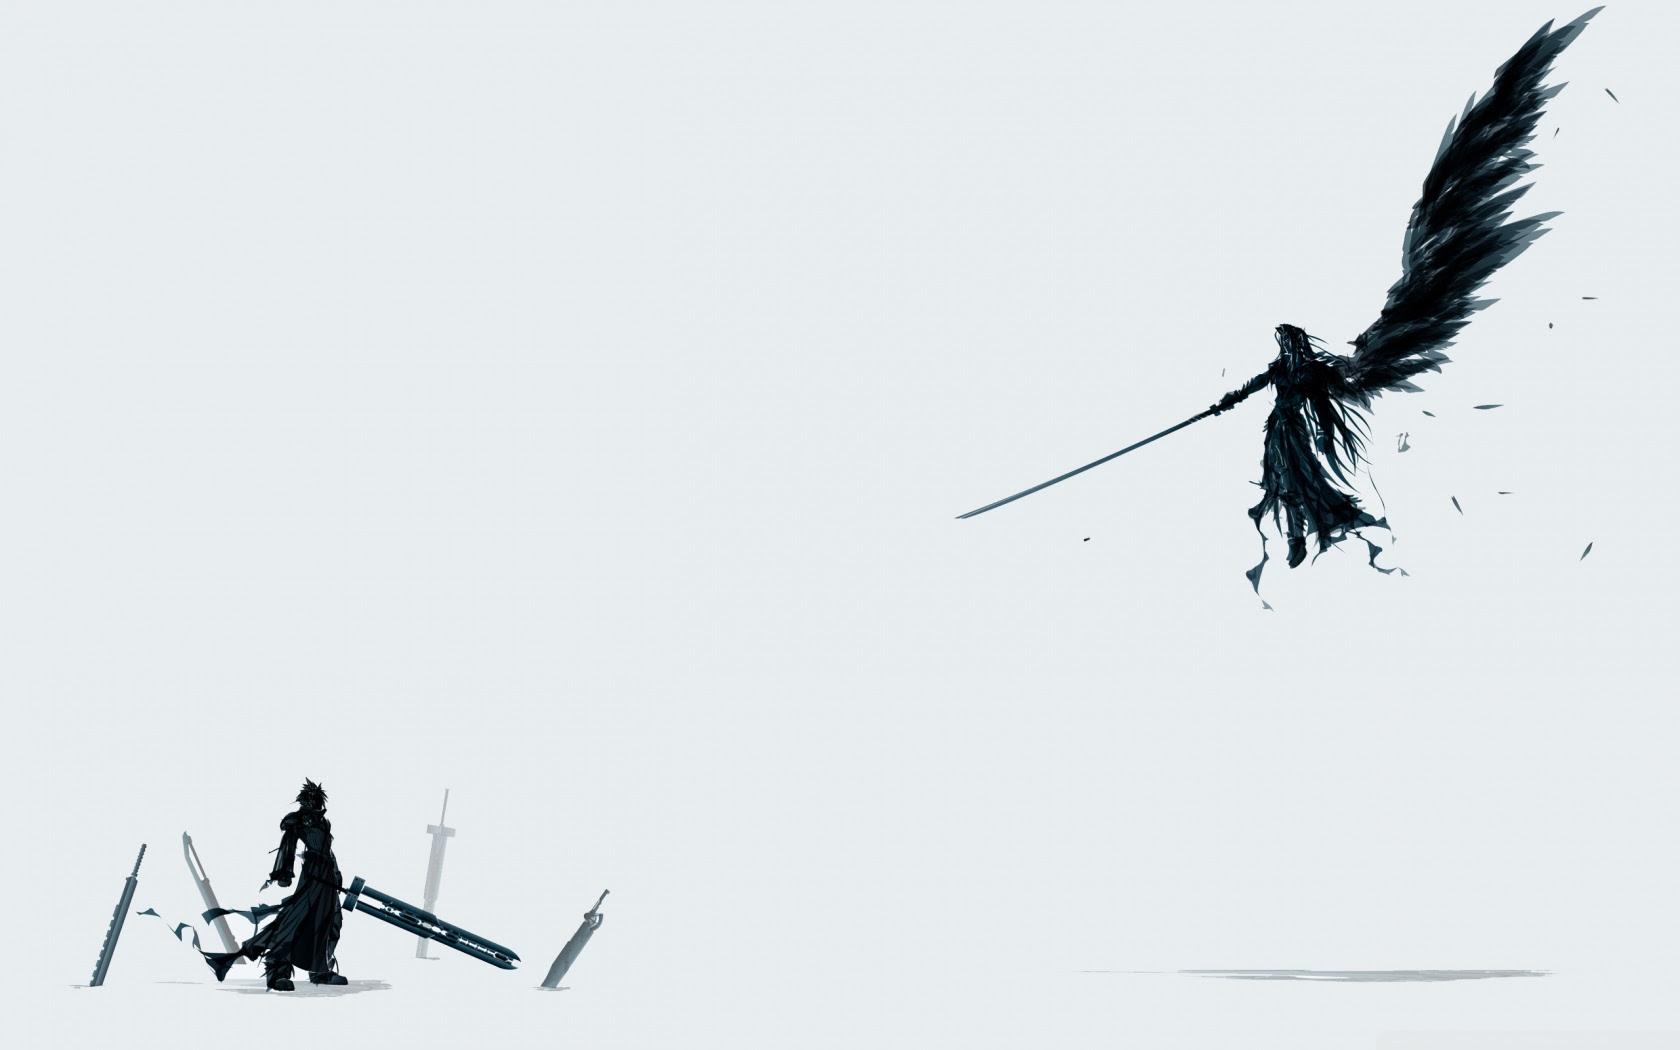 Dark Angel Anime Ultra Hd Desktop Background Wallpaper For Multi